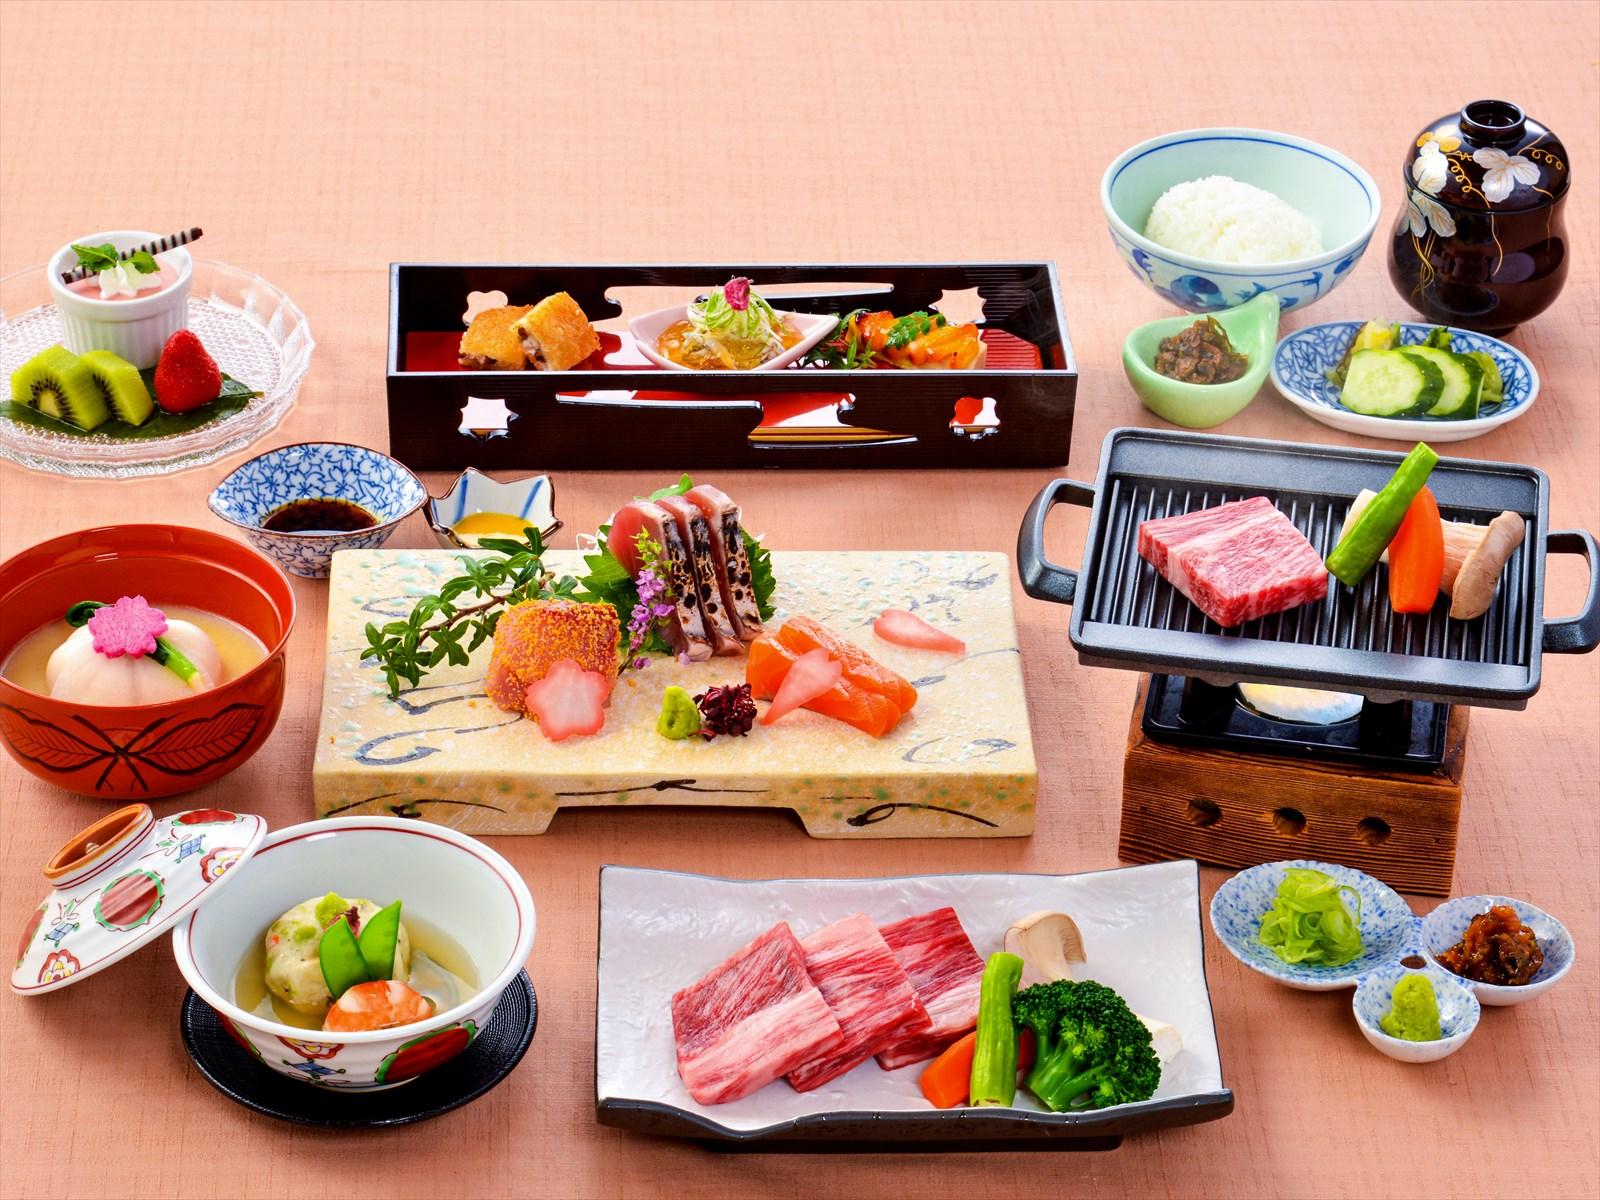 【夕食・朝食付】滋賀県産黒毛和牛の鉄板焼きのおすすめ会席 5月まで